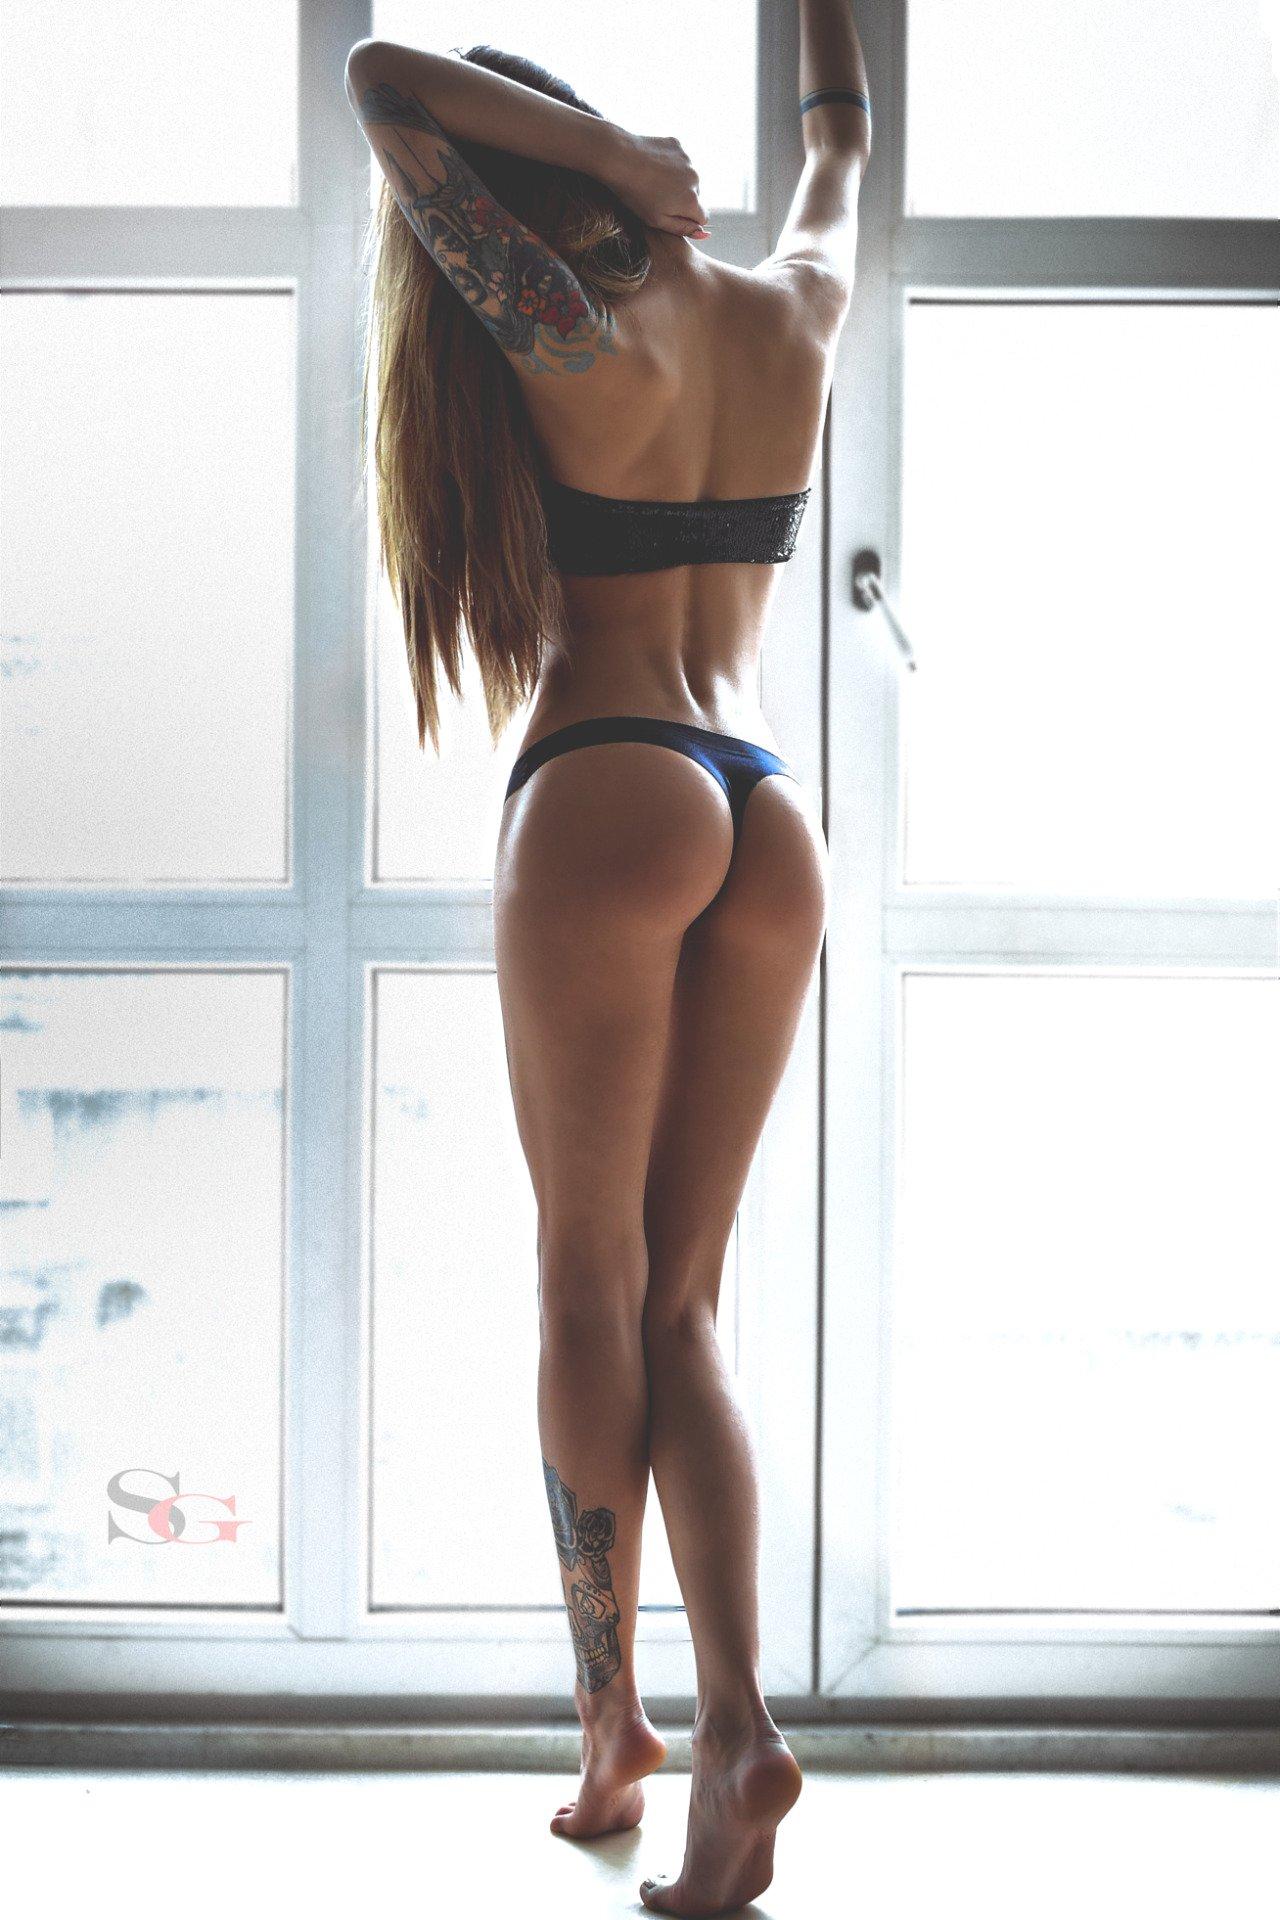 Как сбросить лишний вес, нужно всего лишь ходить на цыпочках